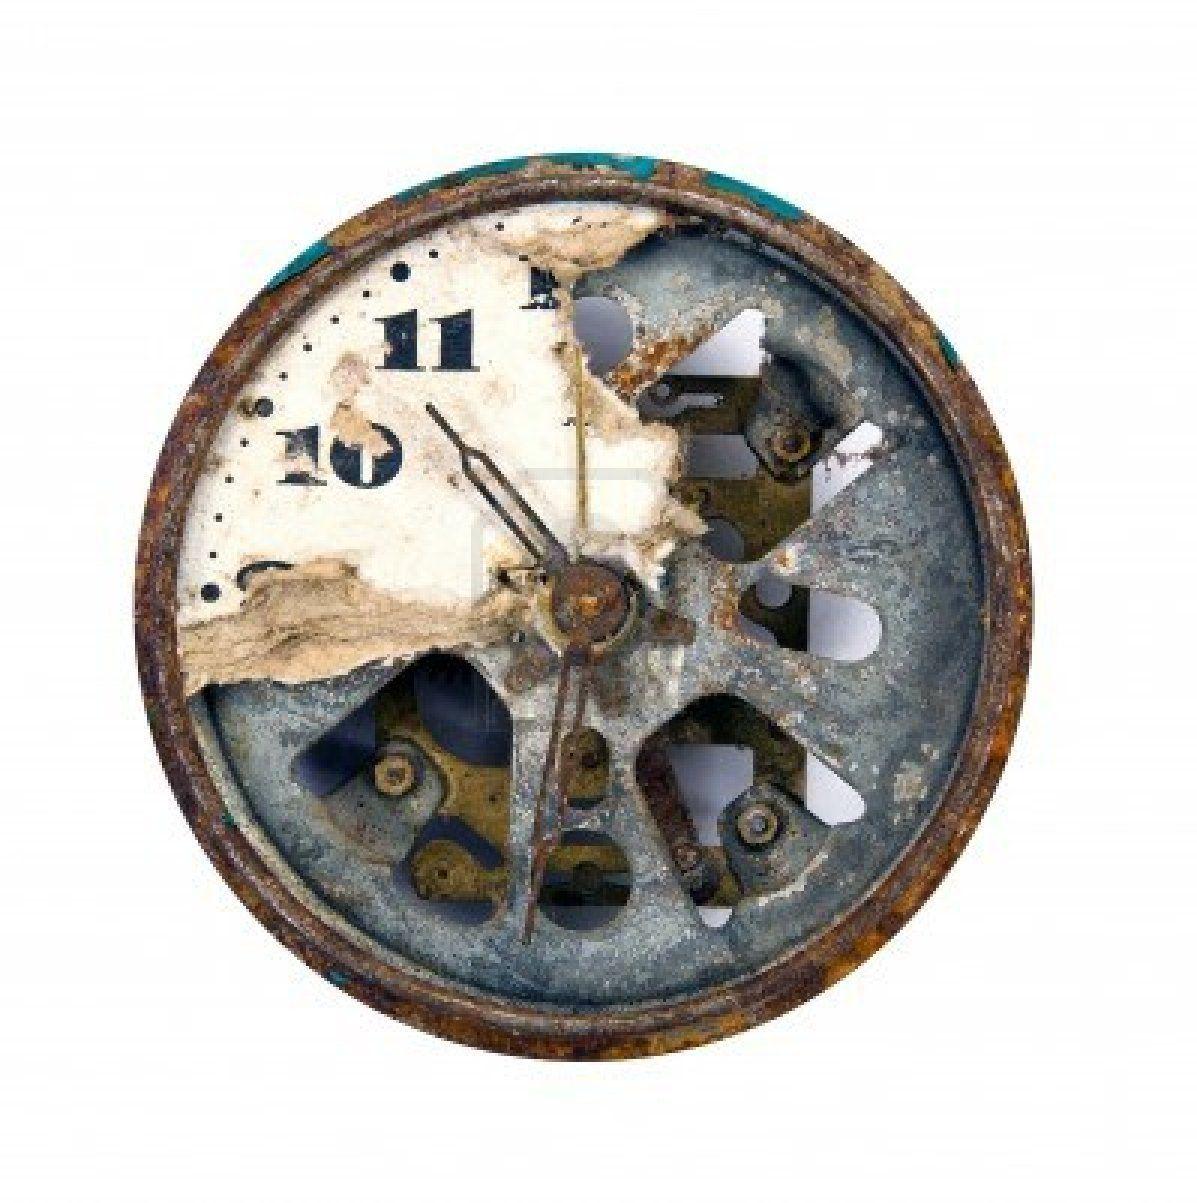 clock_broke.jpg (1197×1203)